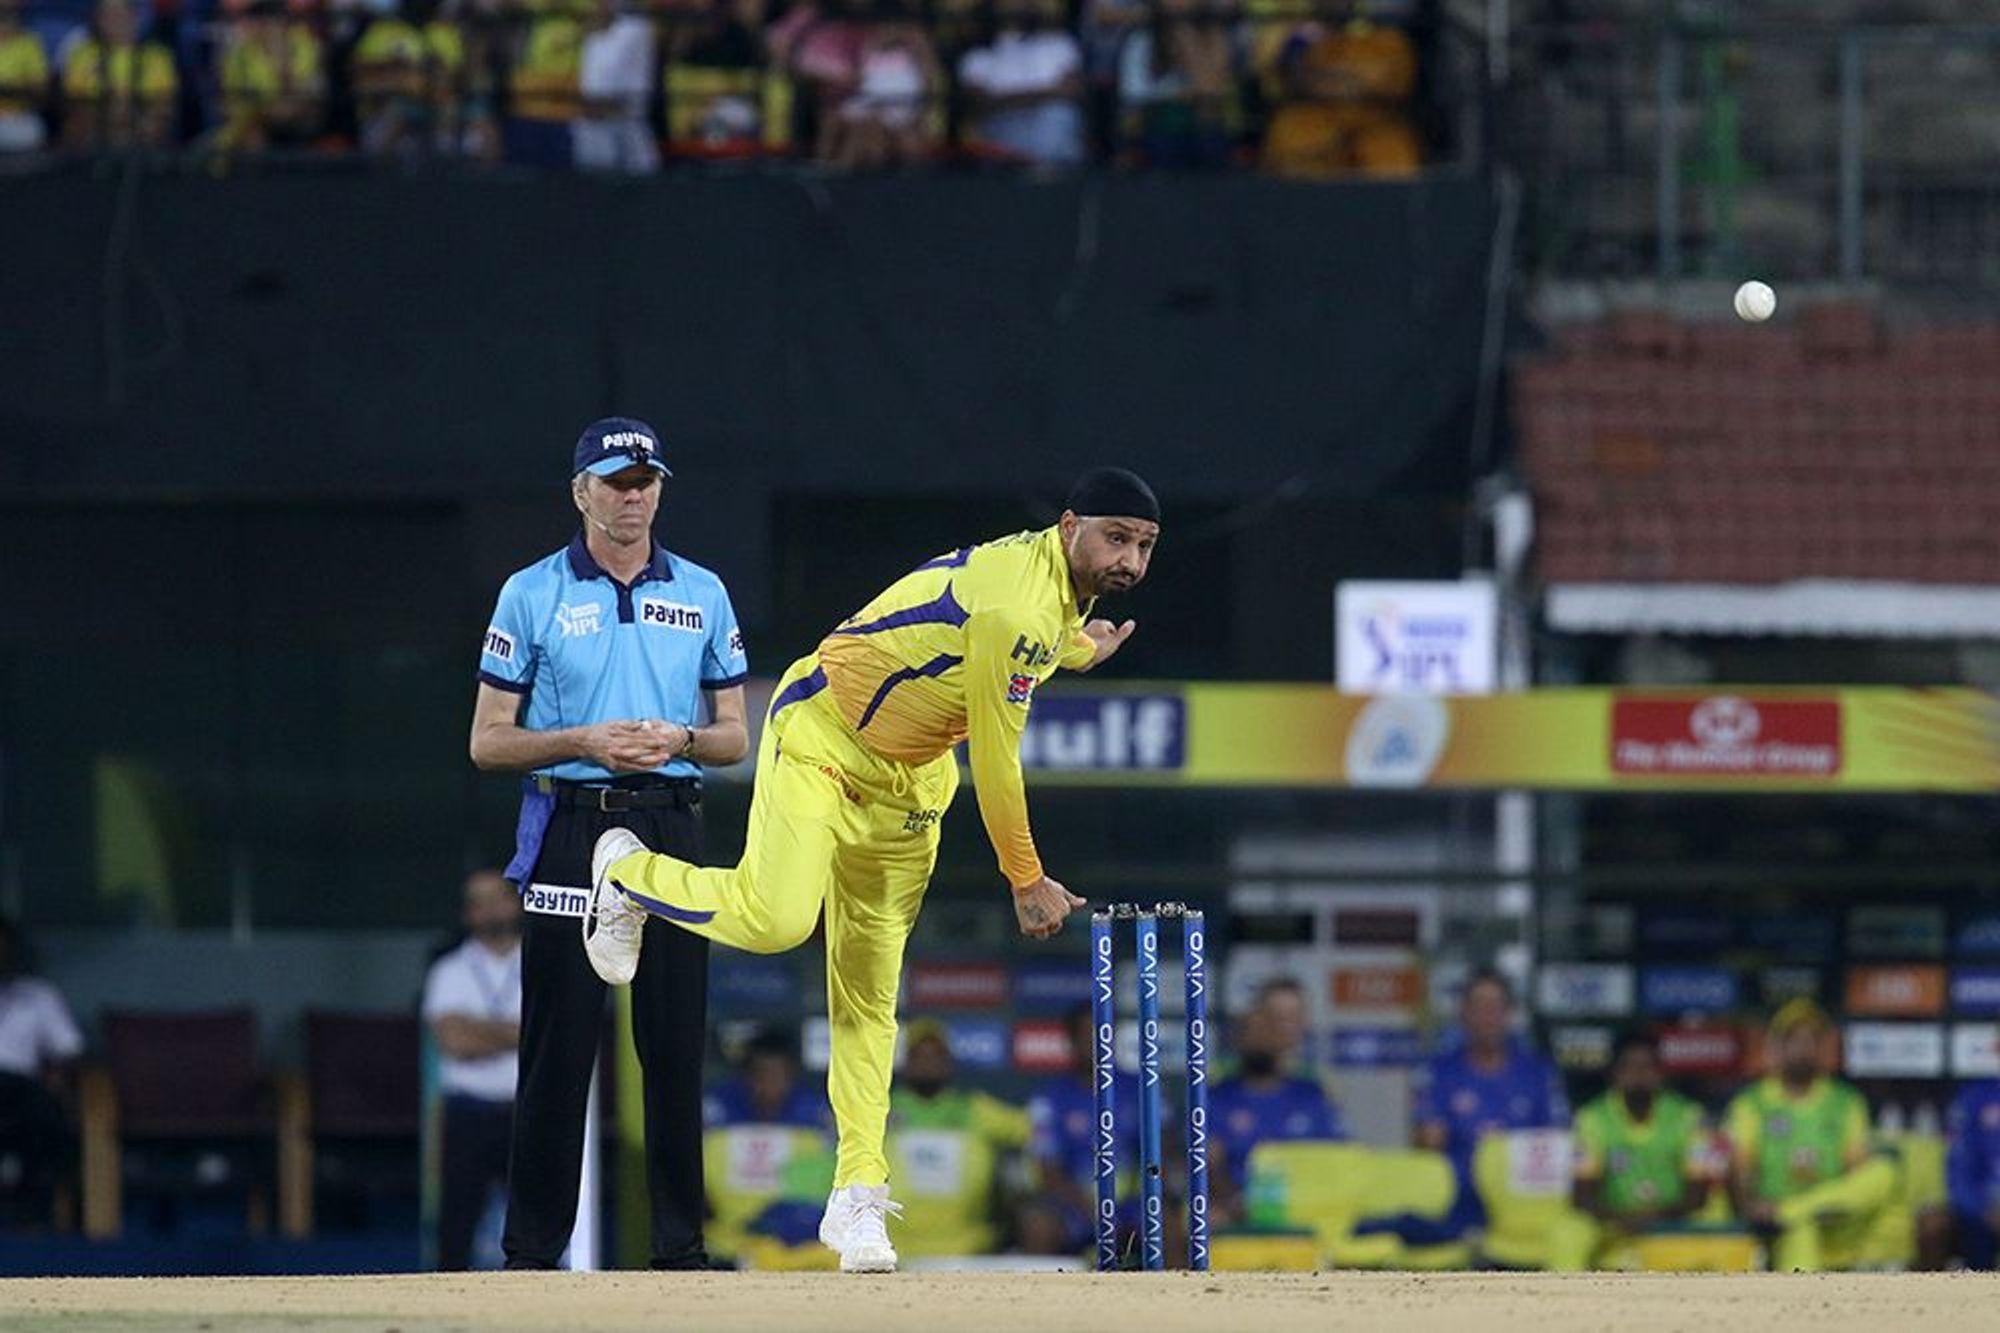 मुंबई के खिलाफ मिली करारी हार के बाद अंबाती रायडू के ऊपर तंज कसते हर नजर आये हरभजन सिंह, धोनी के लिए भी कही यह बात 1